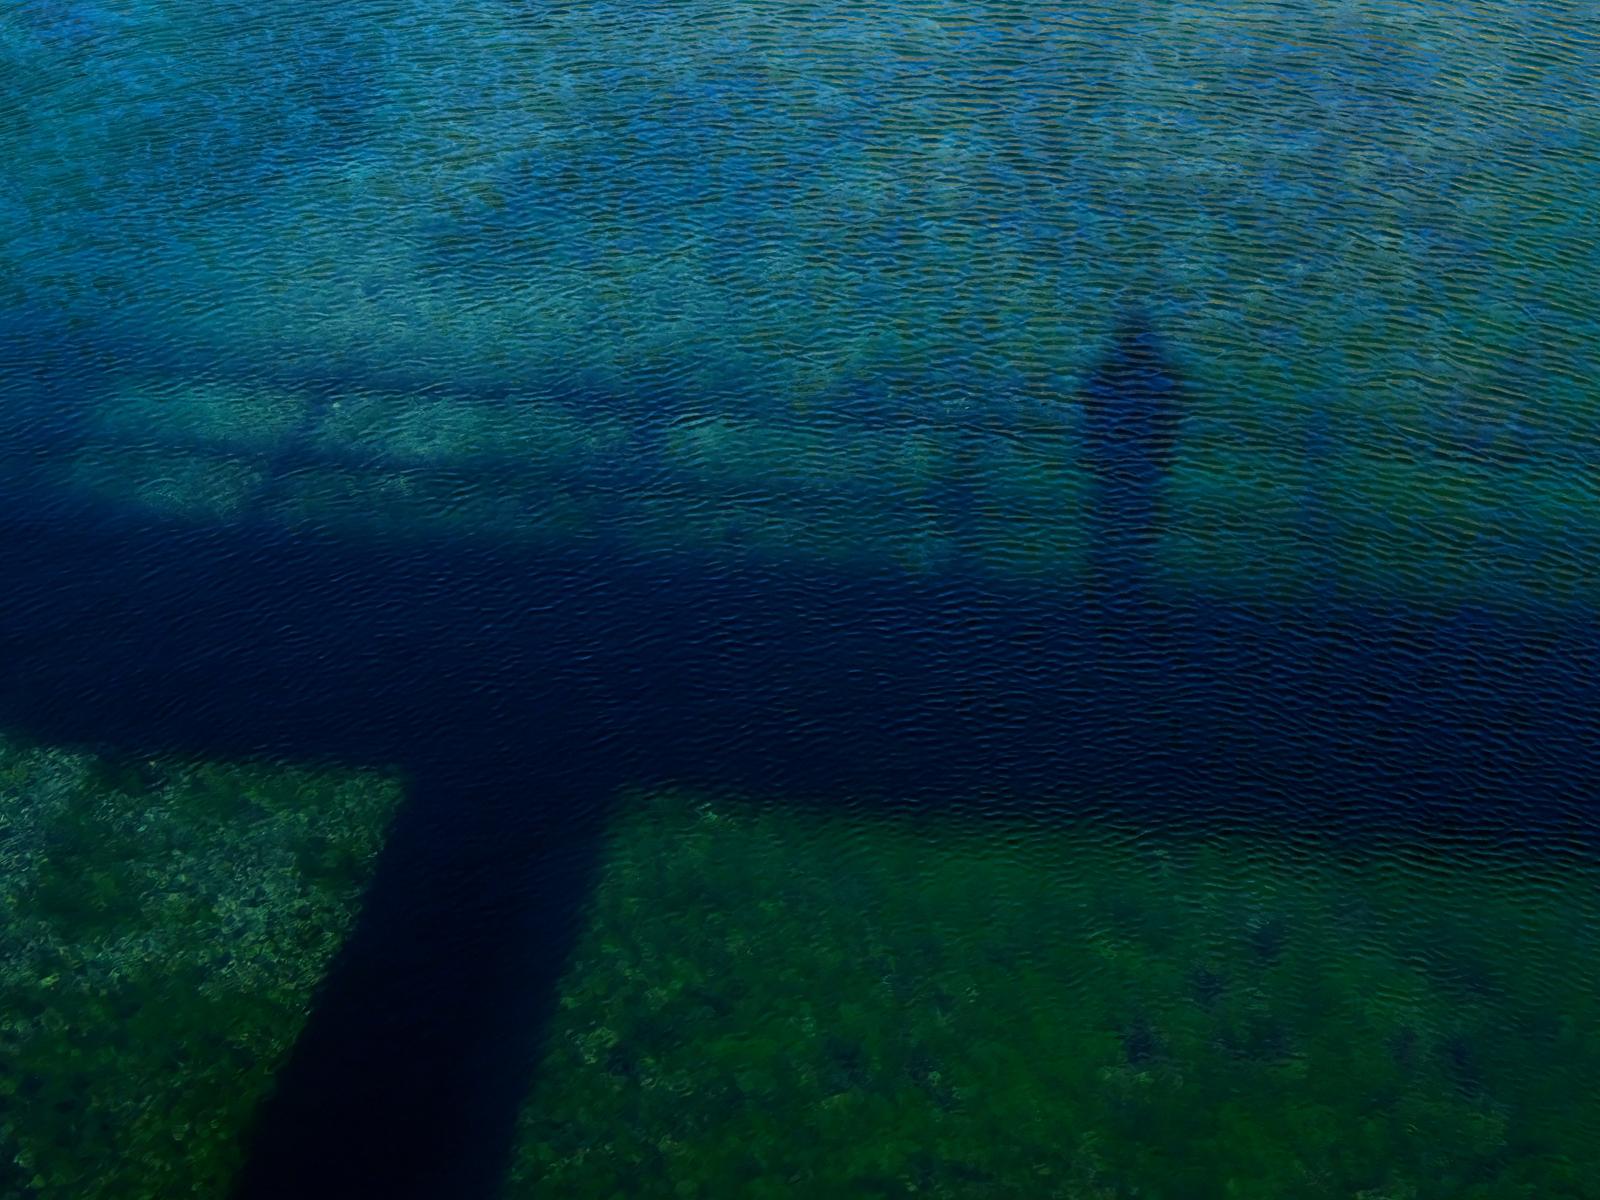 LS-20100922-MClaire02_0124-2-web.jpg